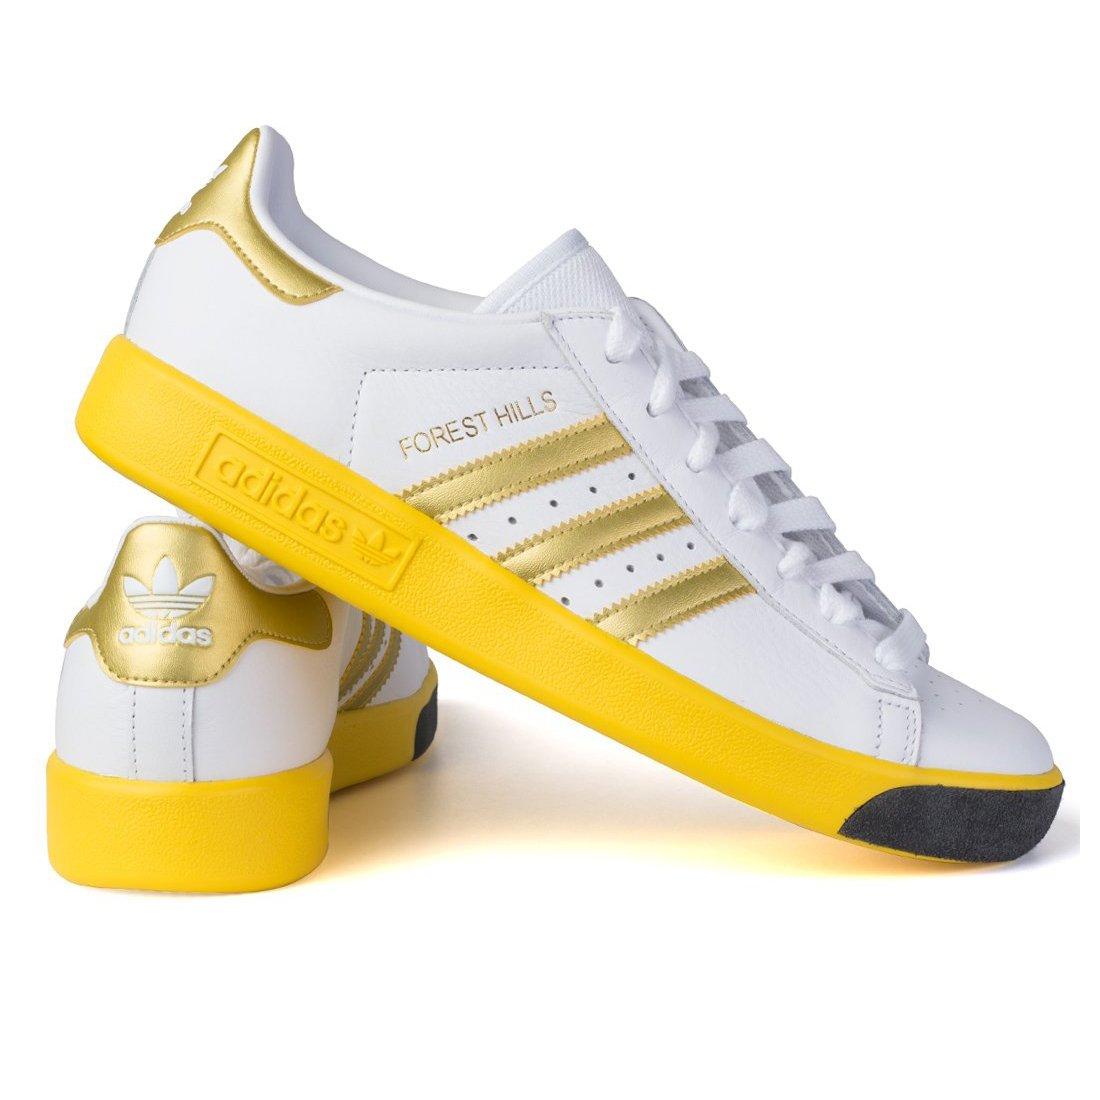 日本国内正規品 アディダス adidas オリジナルス フォレストヒルズ [FOREST HILLS] ランニングホワイト/ゴールドメット/イーキューティーイエロー CQ2083 B07BMT547V 24.5cm